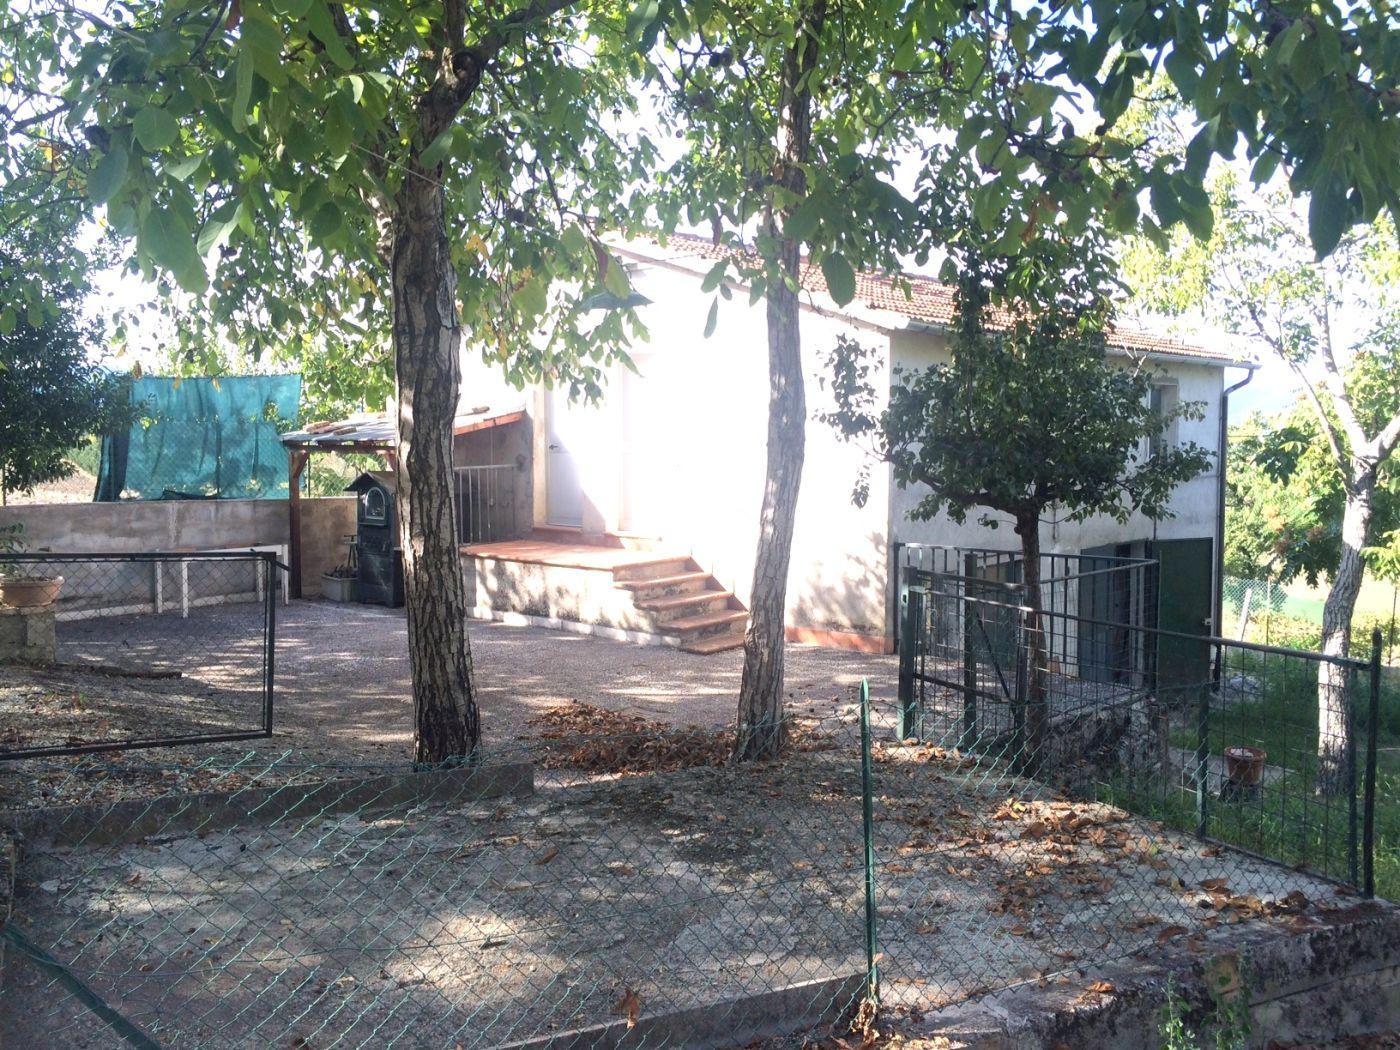 Cod zr169 abitazione con progetto di ristrutturazione for Progetto di ristrutturazione